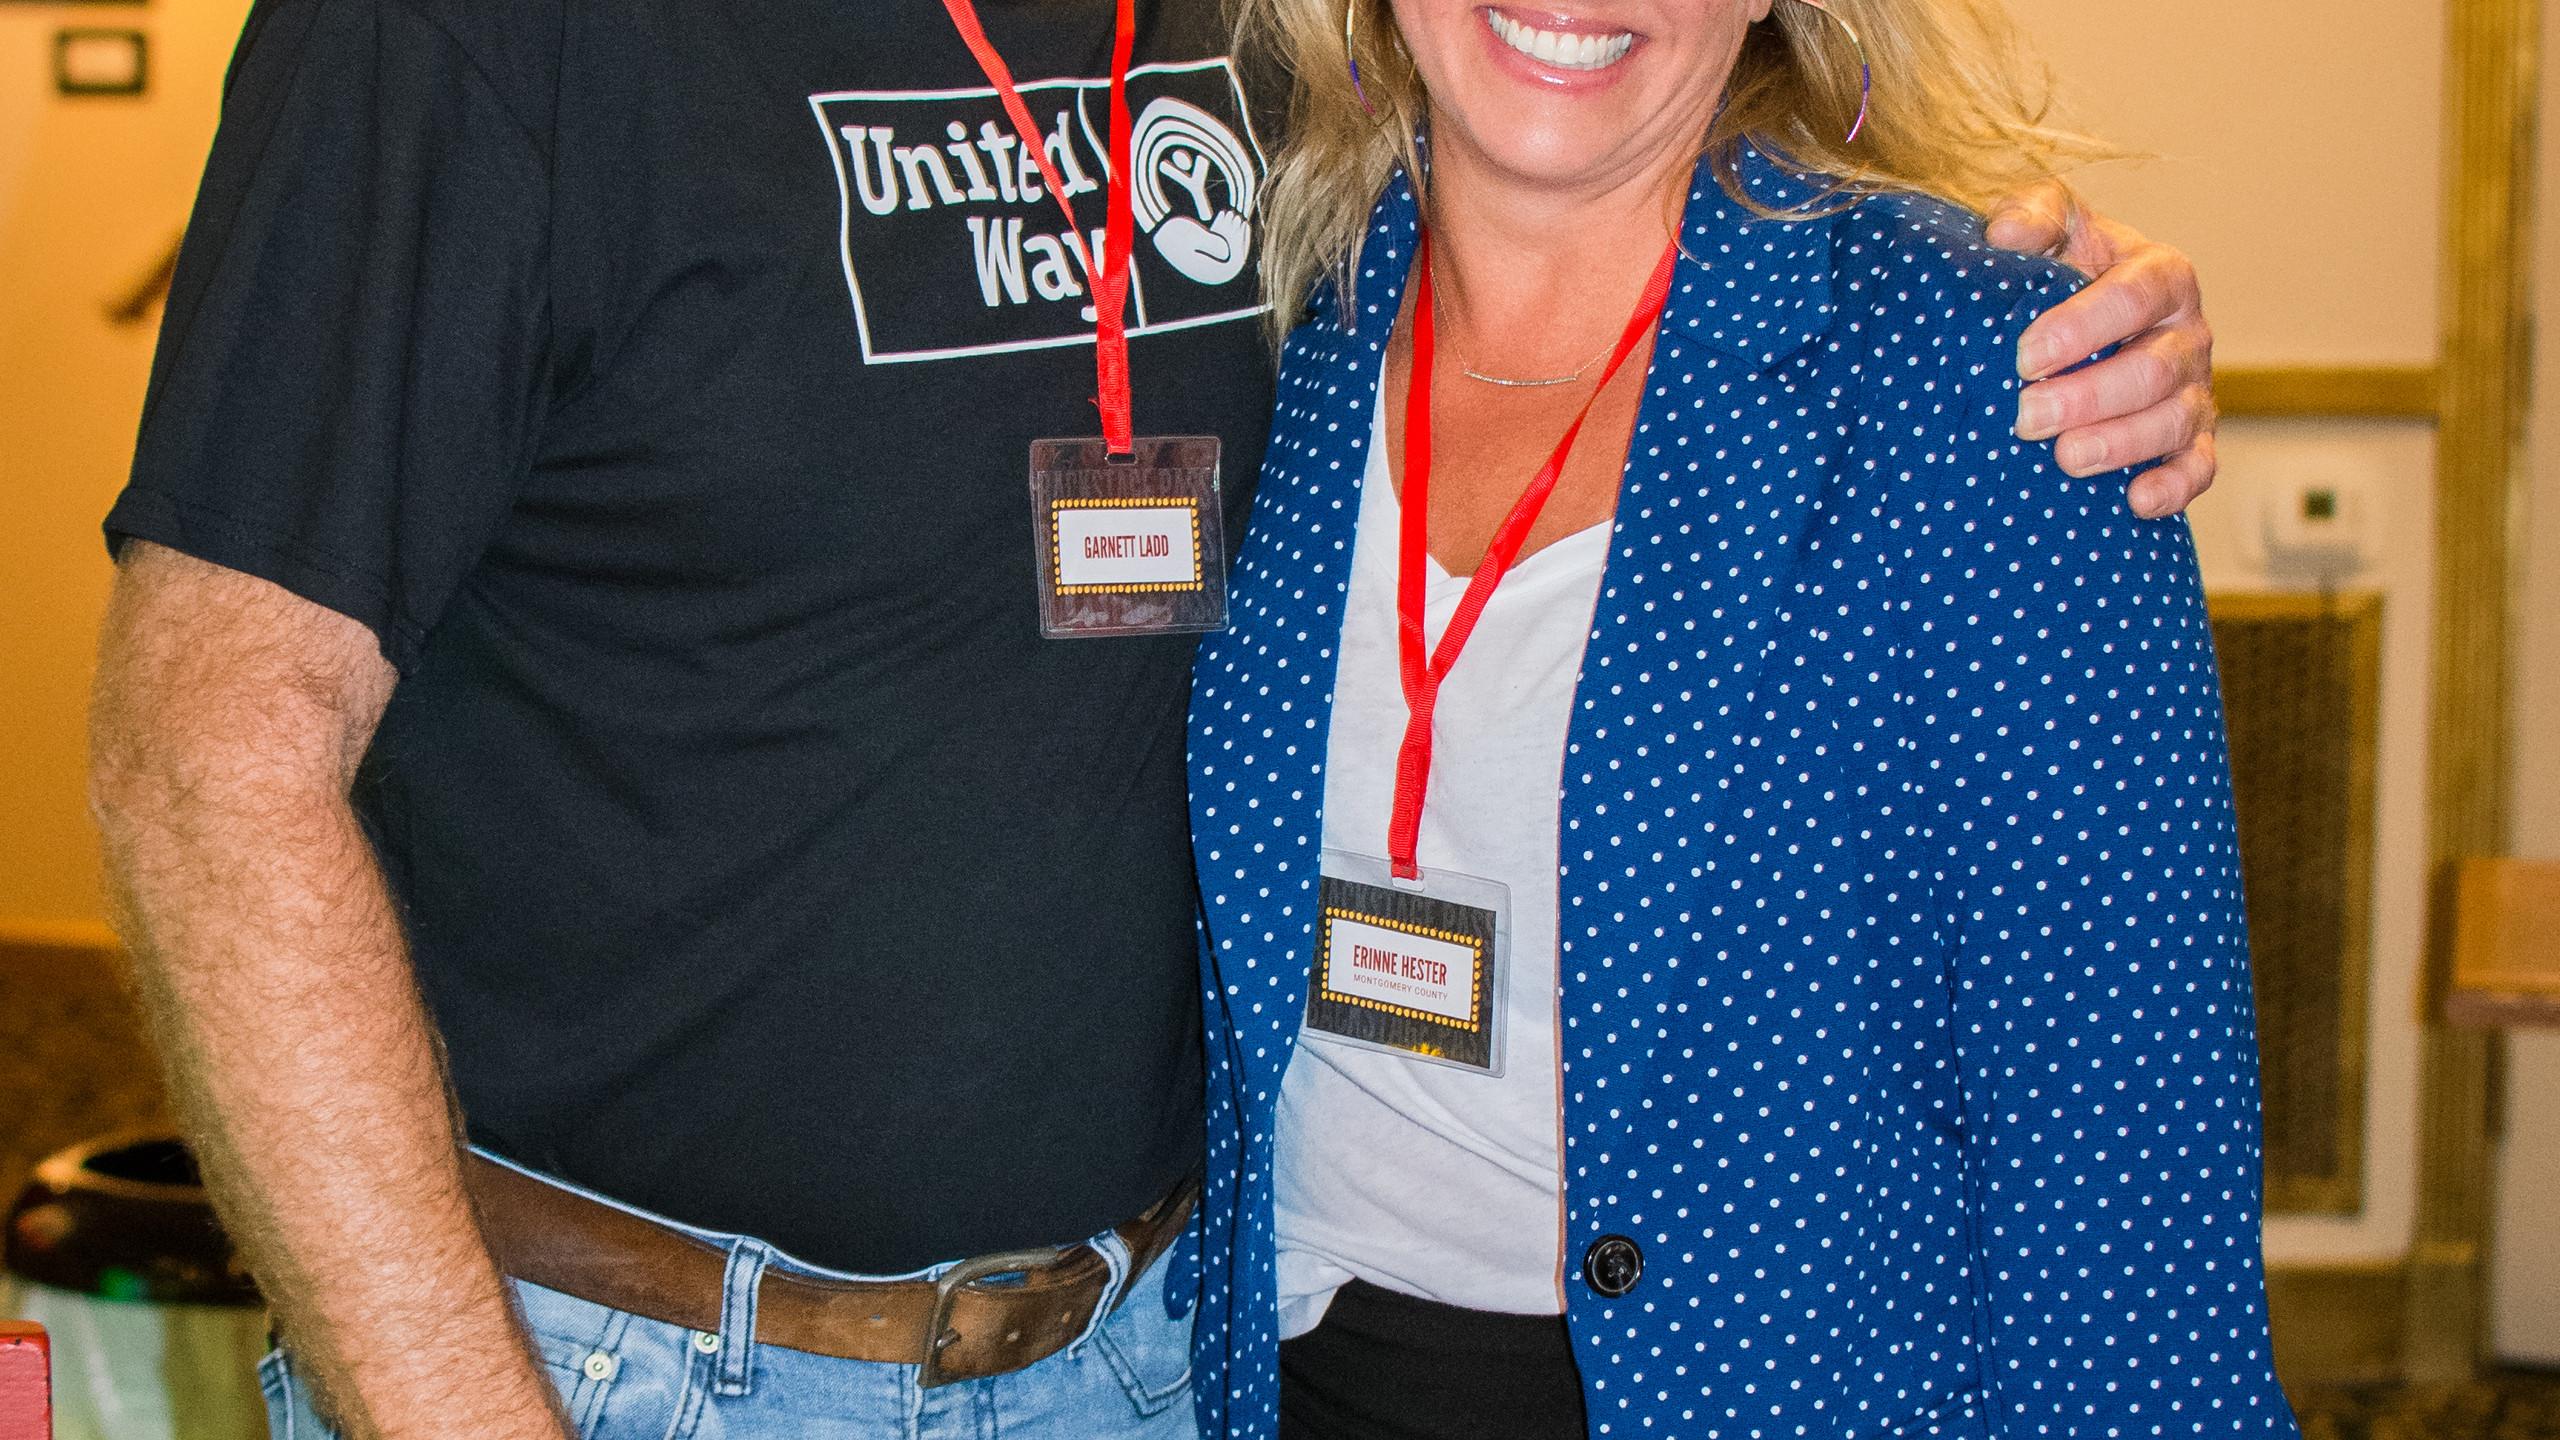 Garnett Ladd and Erinne Hester